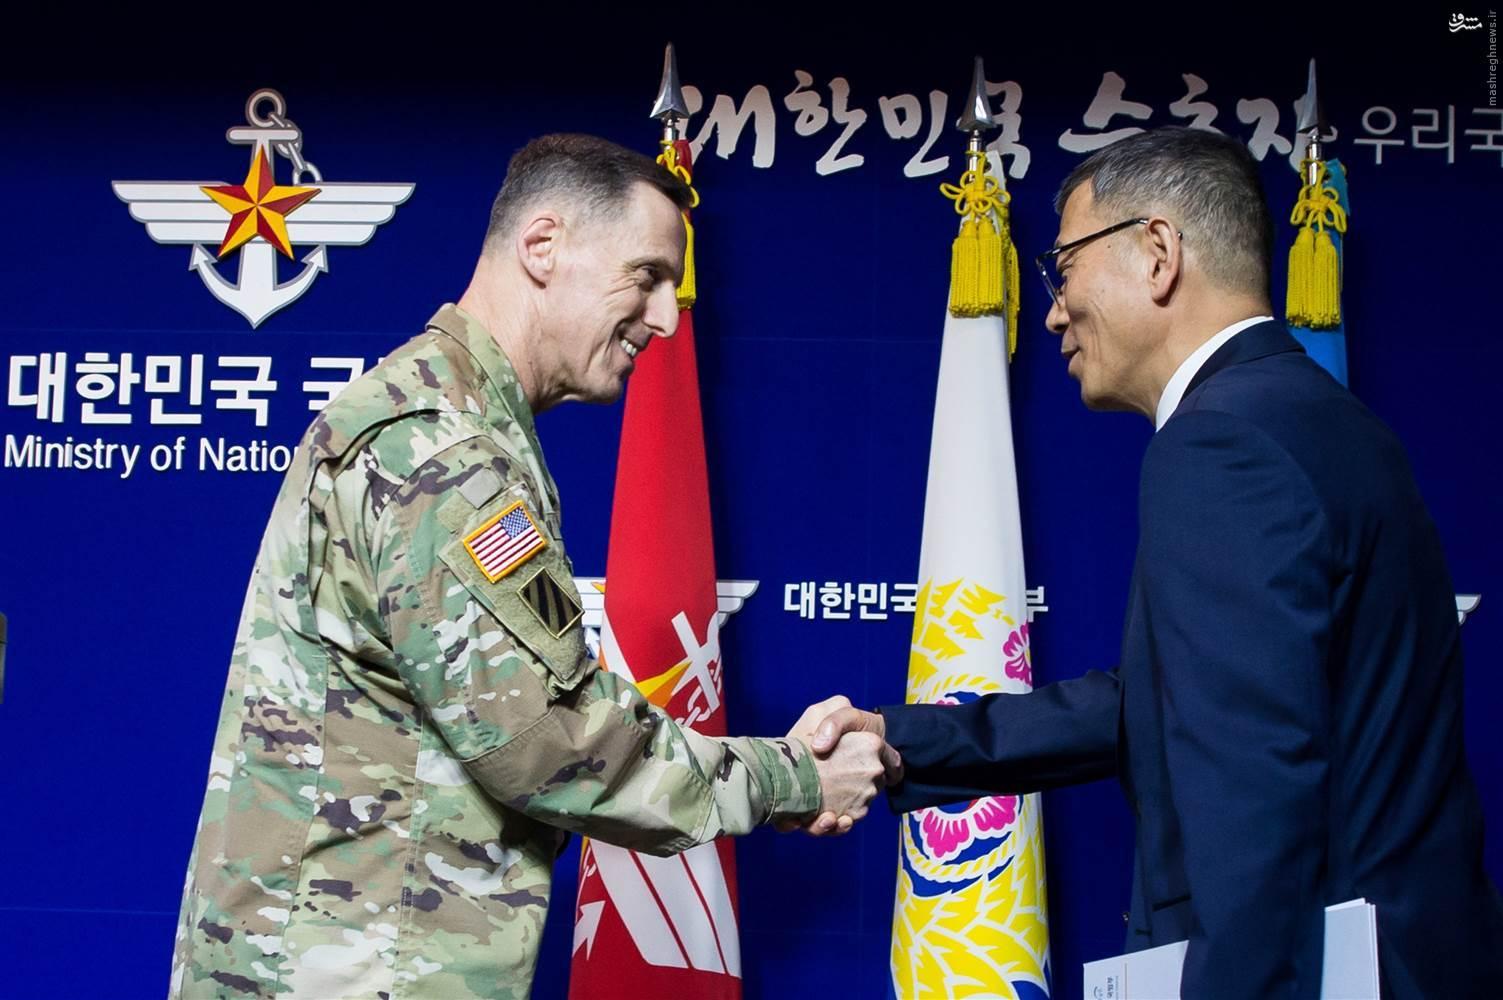 واکنش موشکی کره شمالی به استقرار سامانه آمریکایی در منطقه